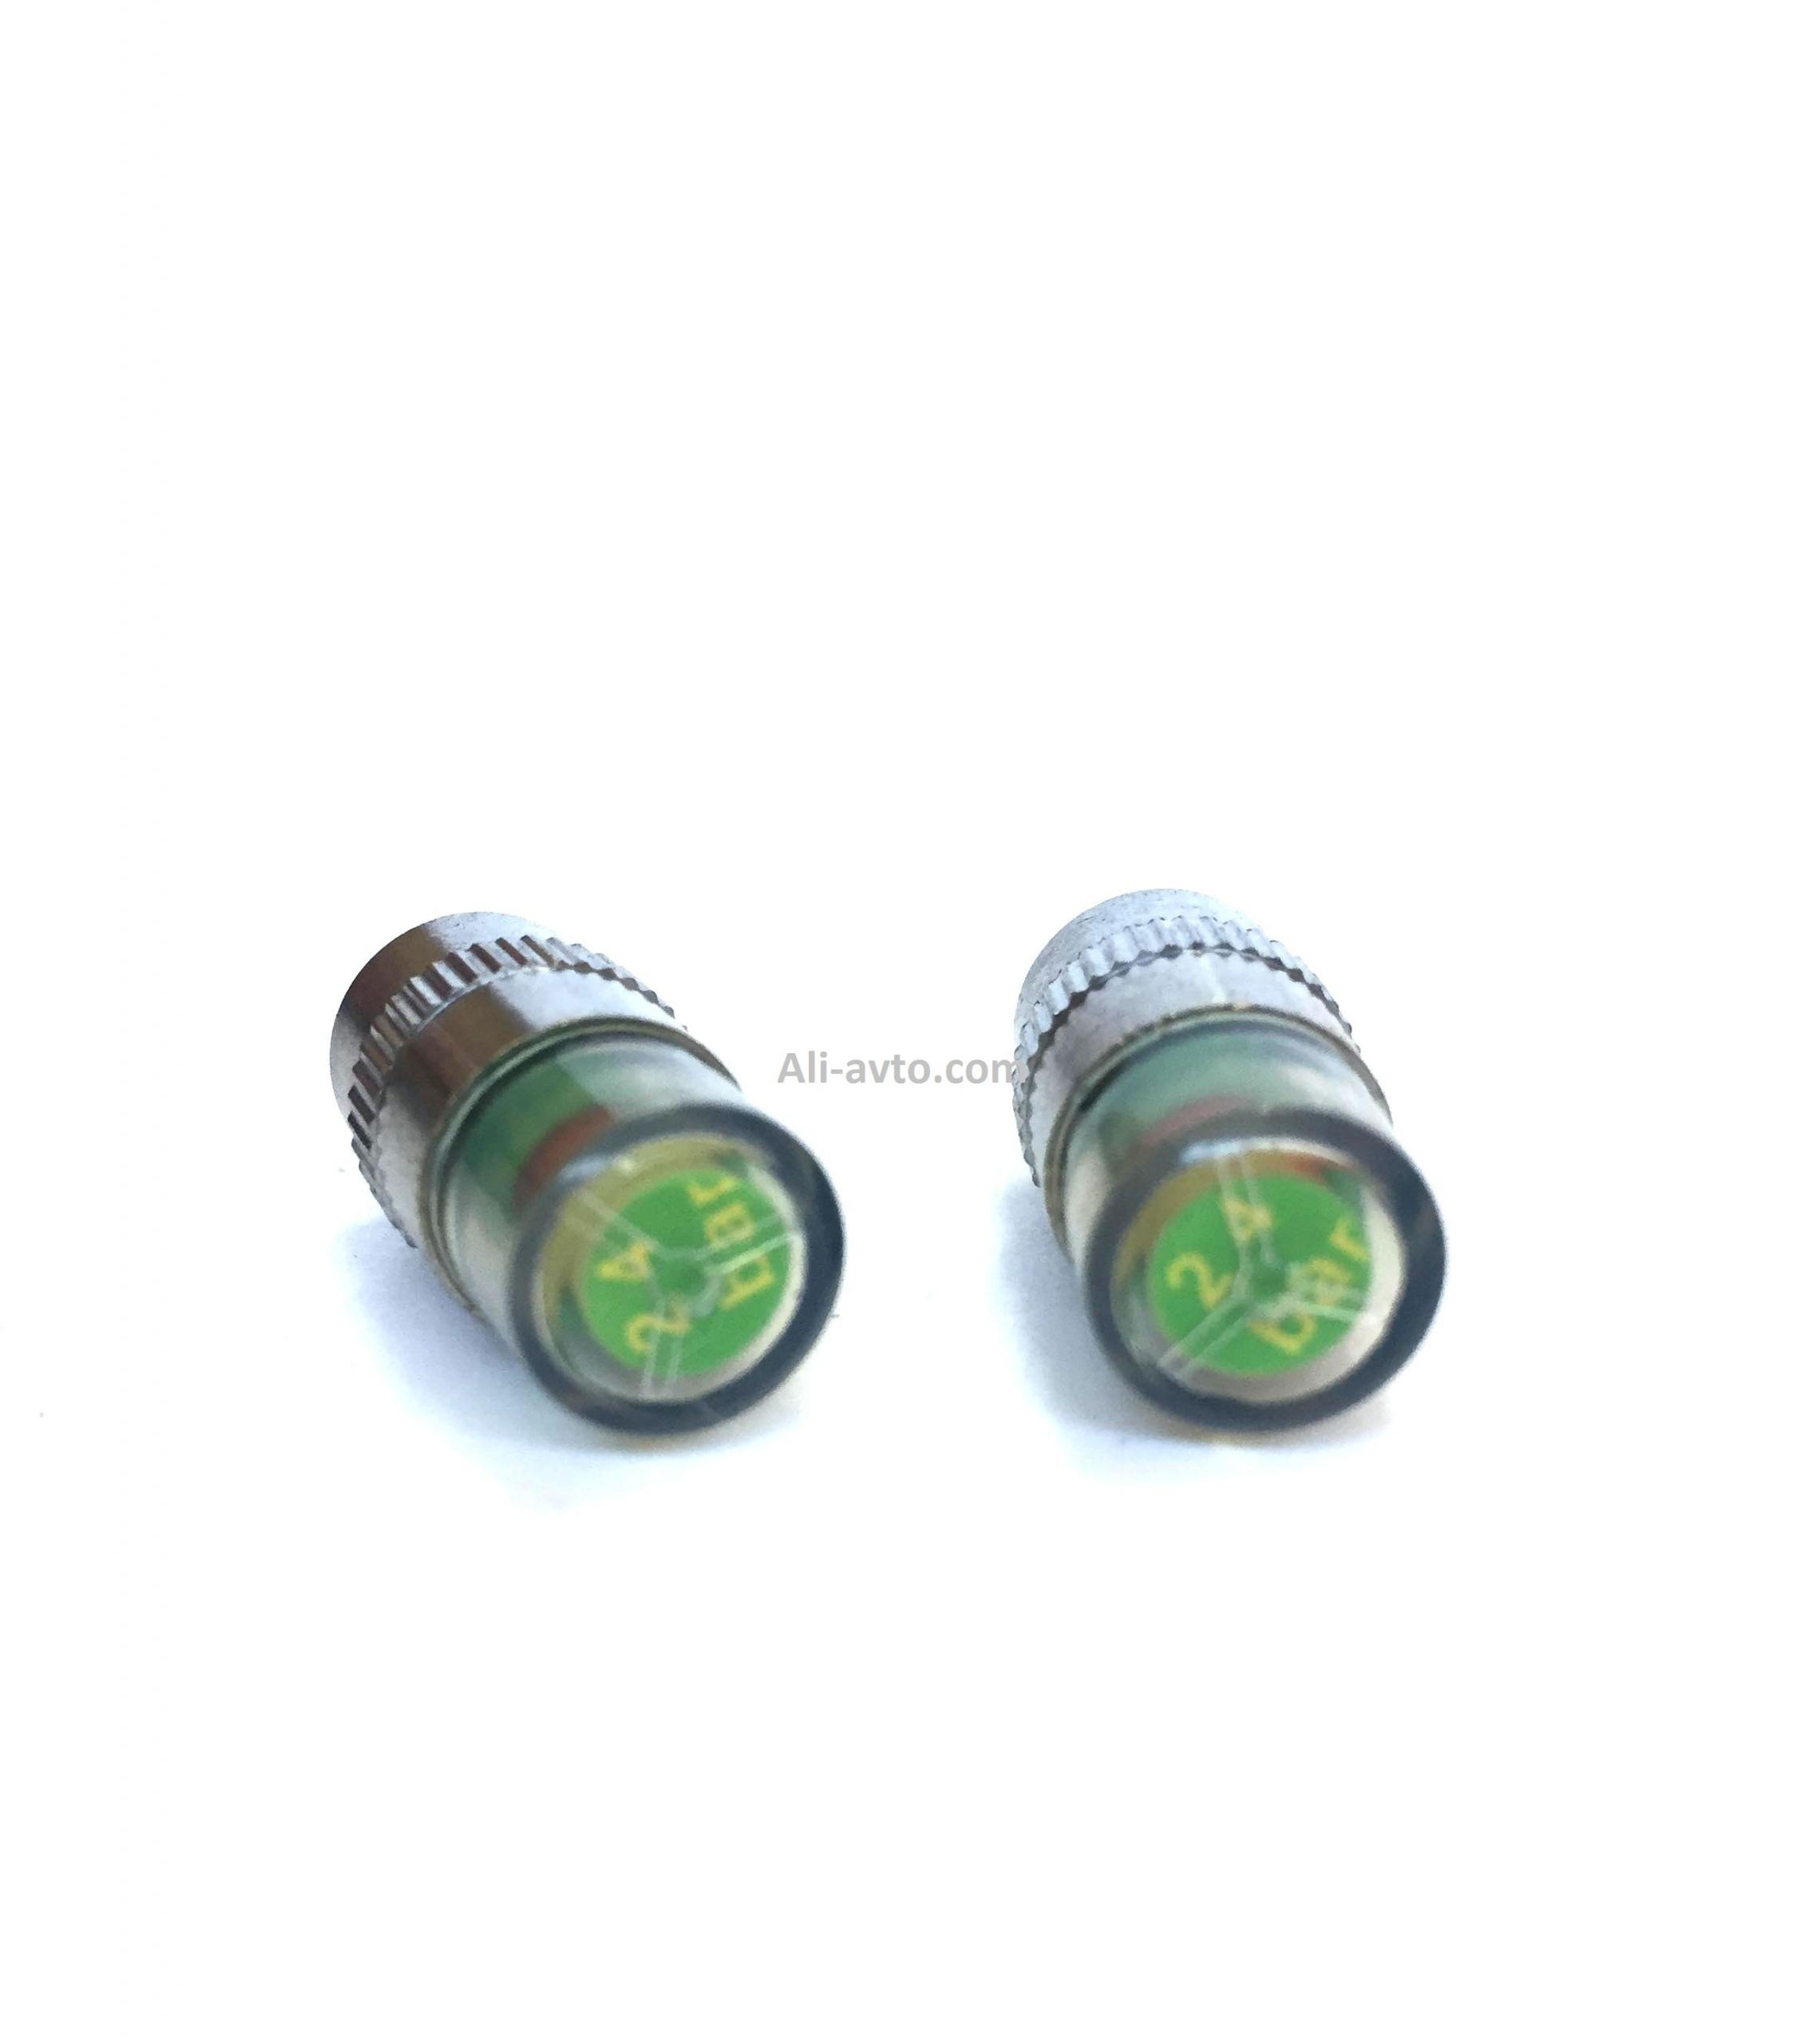 Капачки за вентили със сензори за налягането